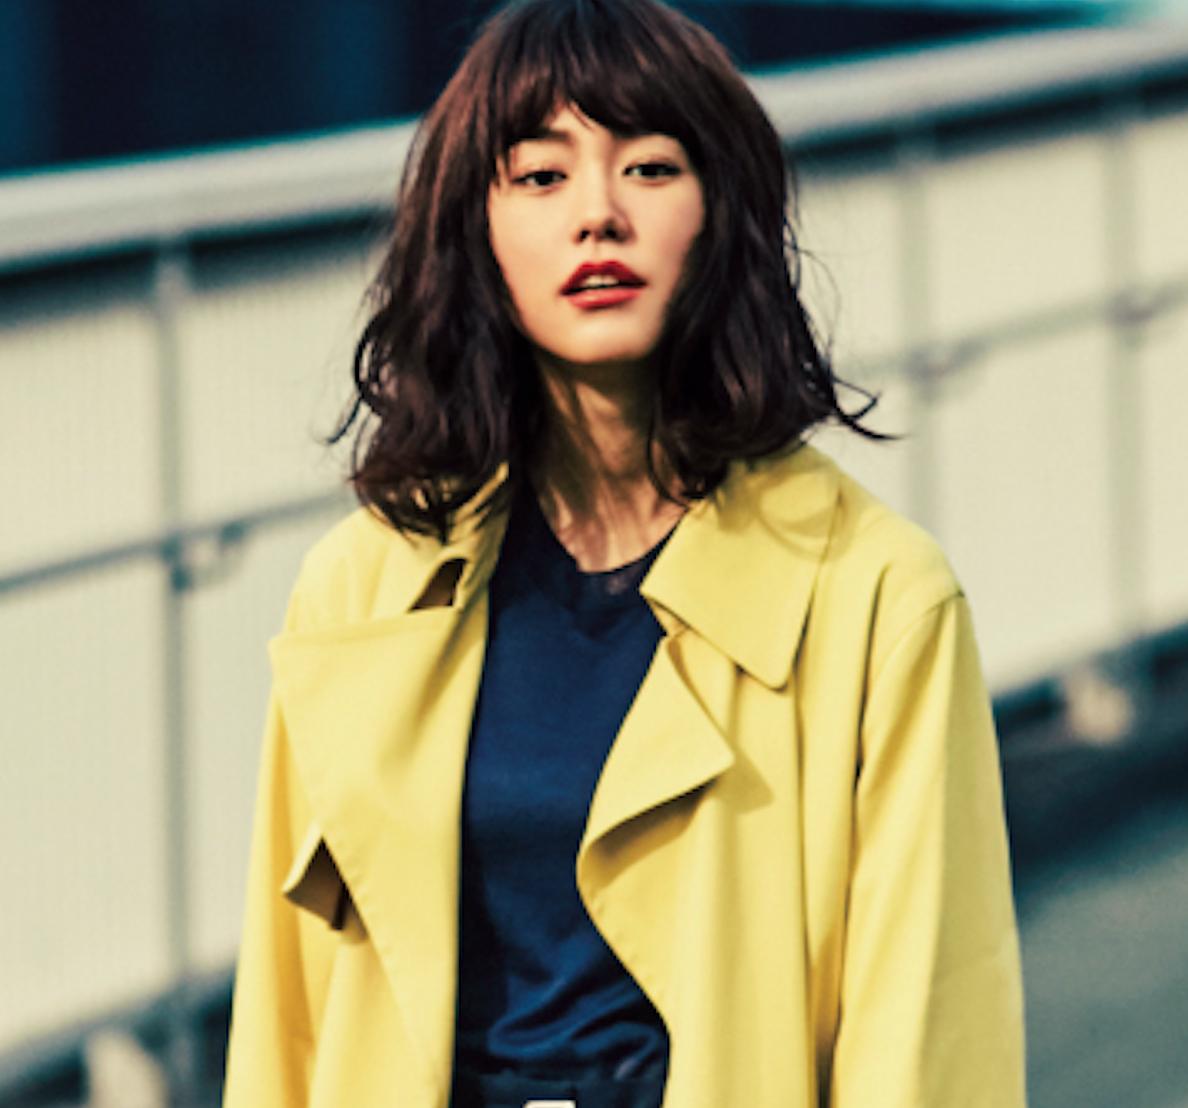 3月はコートを着替えよう♡ この春買うべき【美女感トレンチ】5選